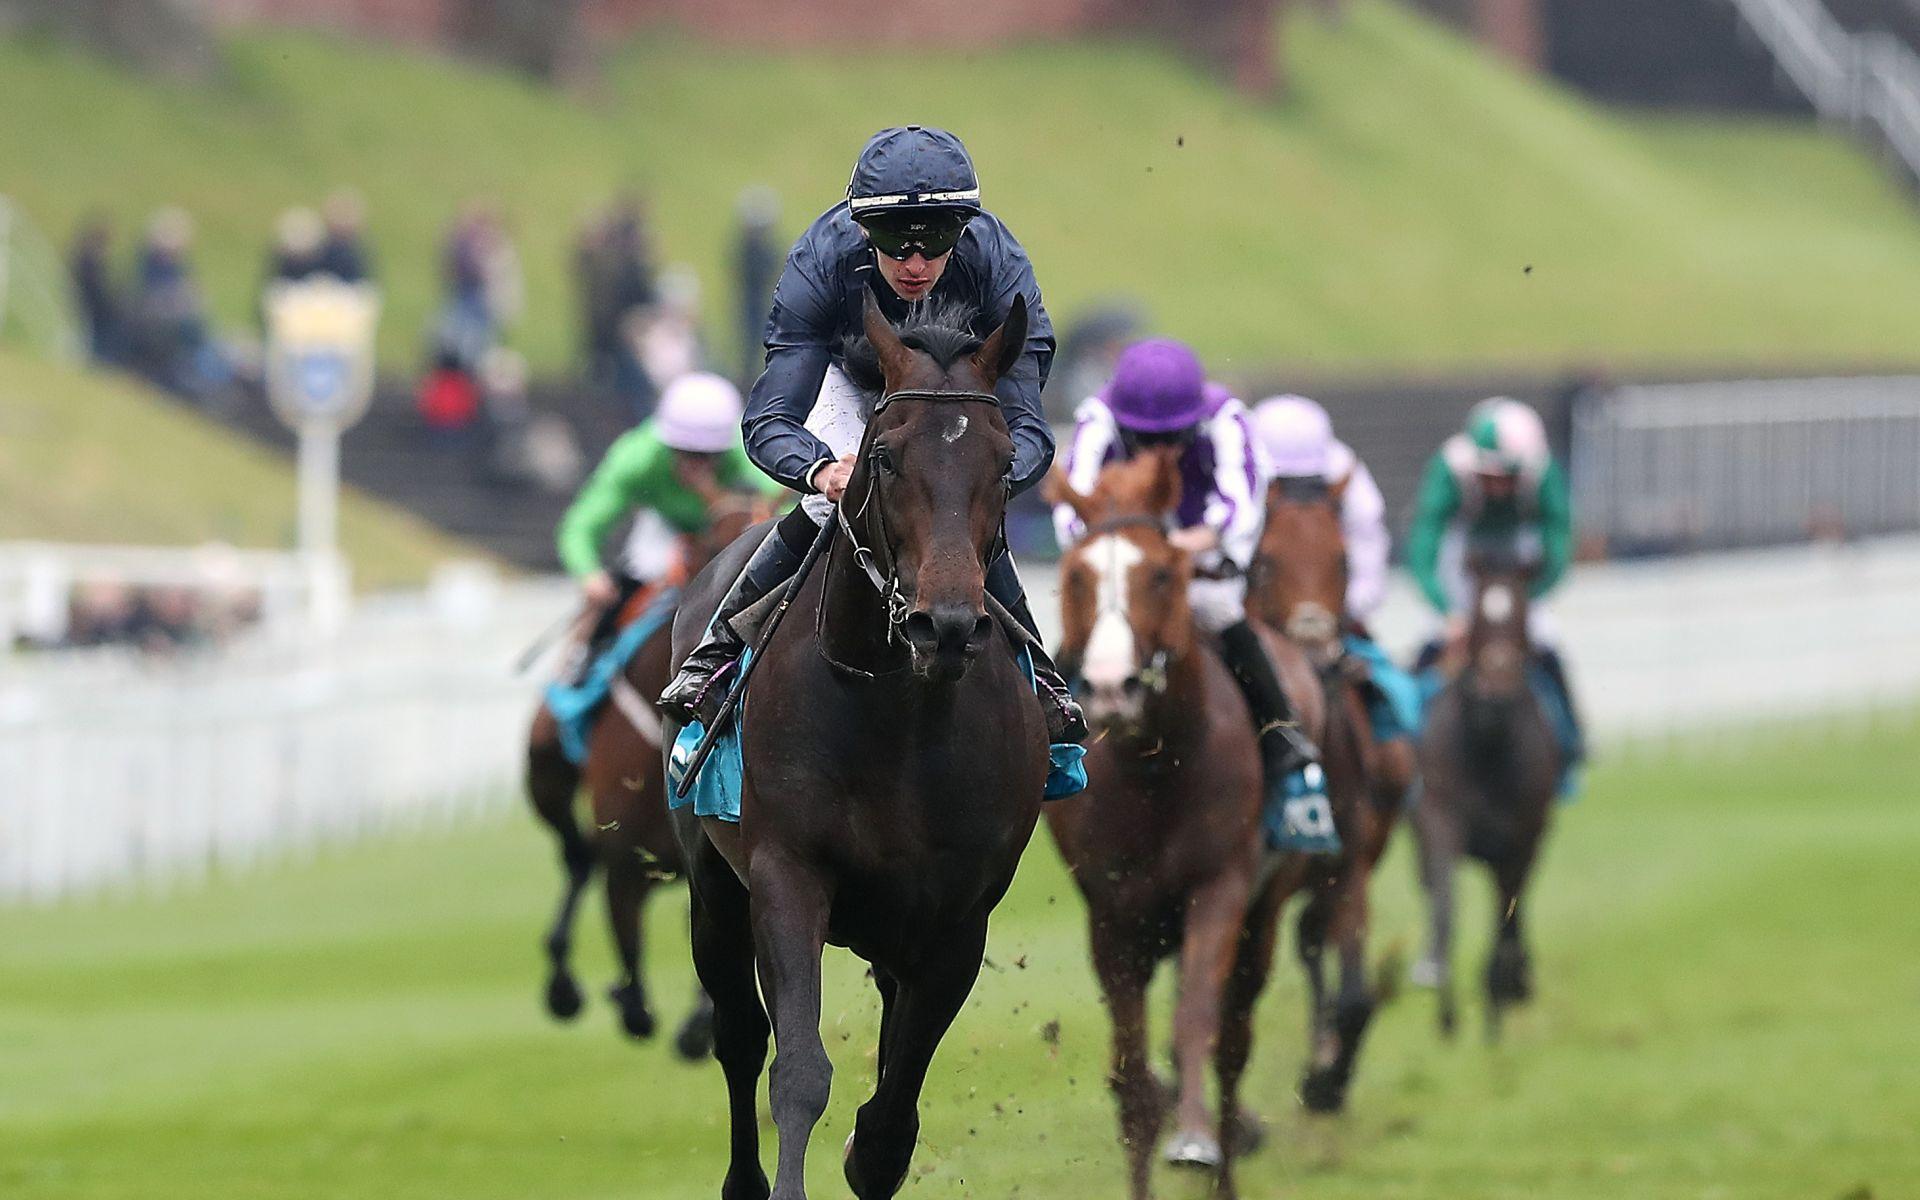 Epsom Derby betting odds 2019 Sir Dragonet